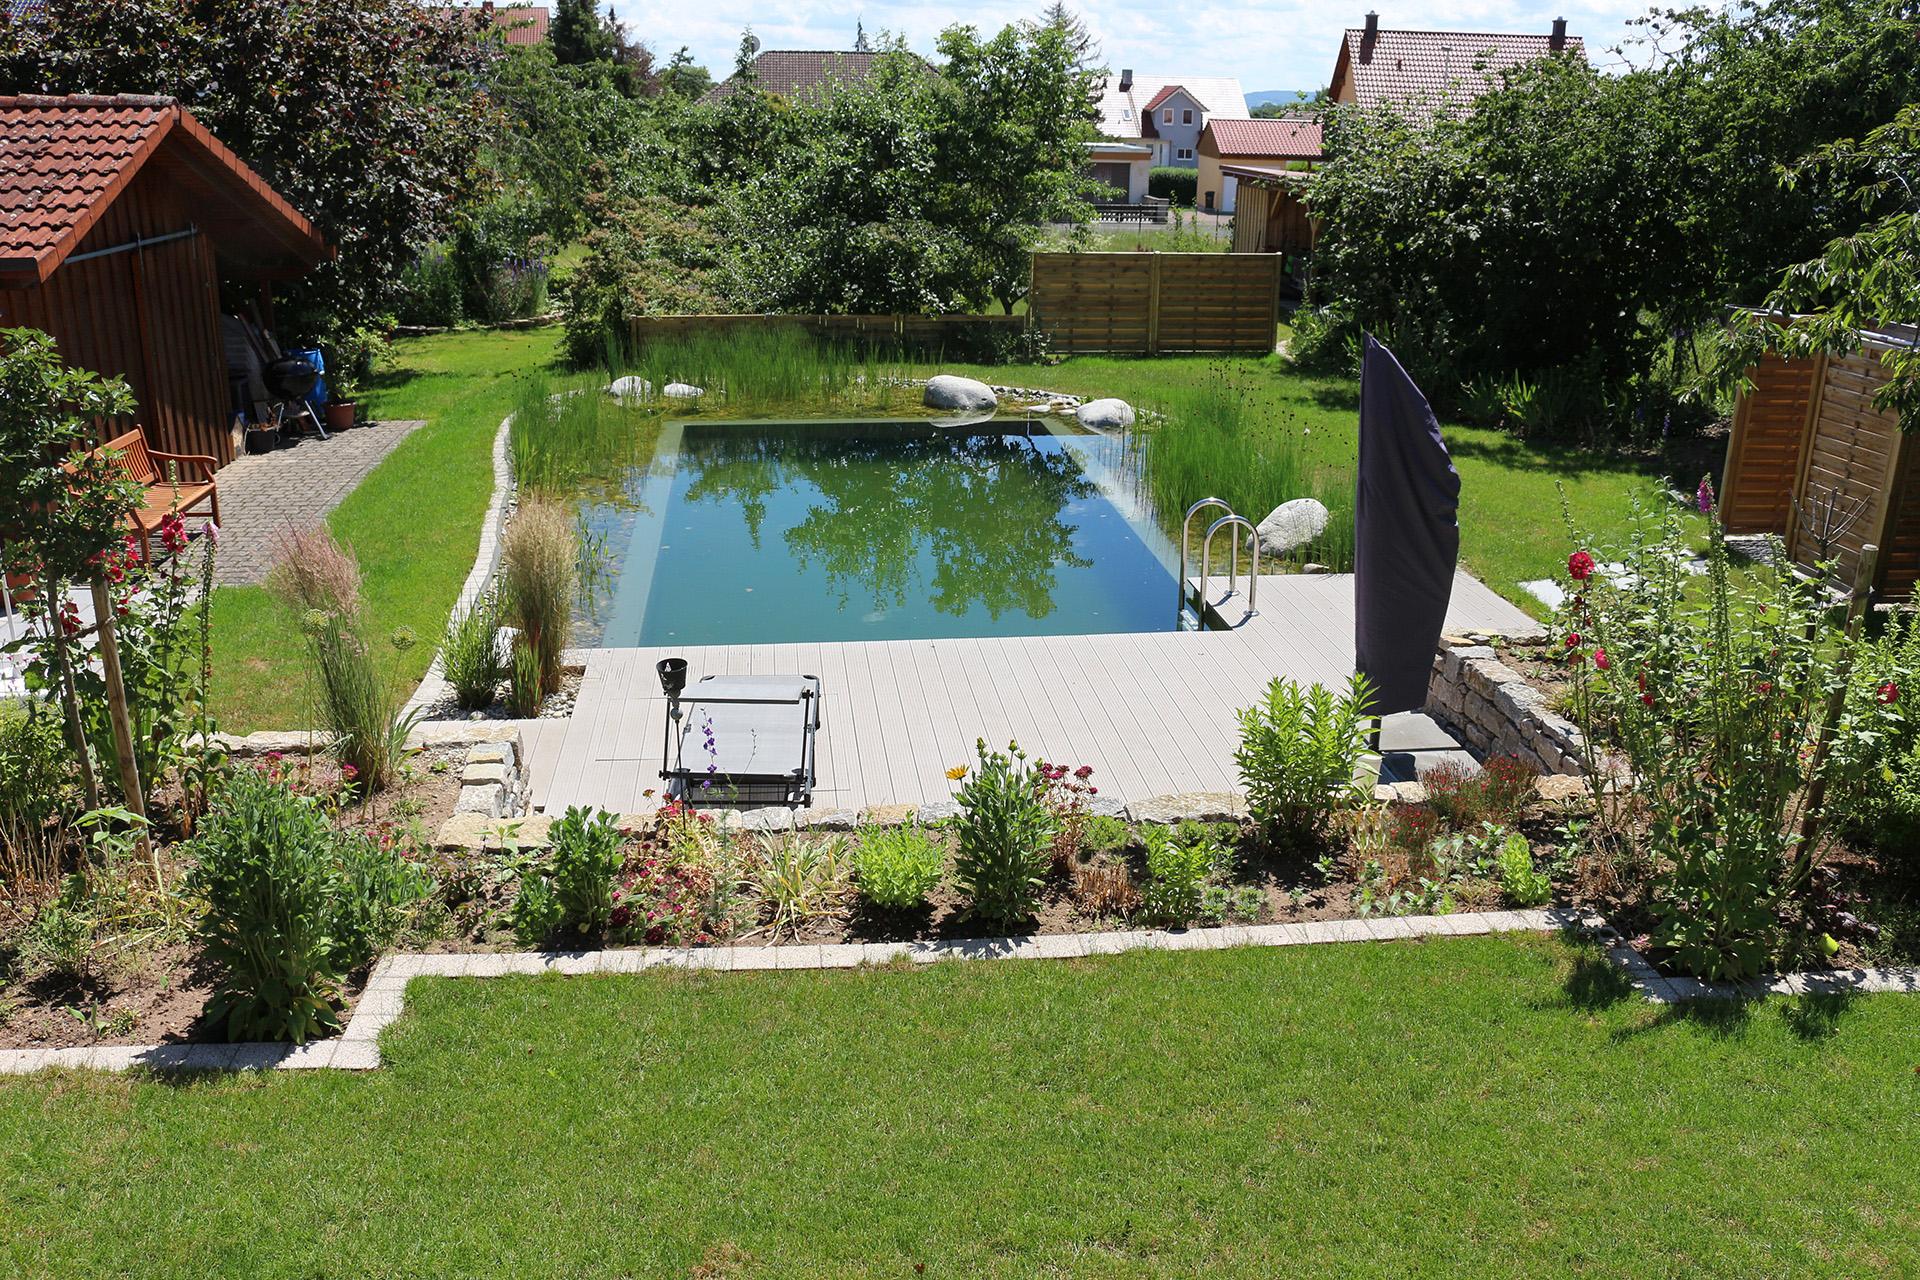 Schwimmteich mit Liegefläche aus WPC-Dielen und einer Trockenmauer aus Muschelkalkstein.